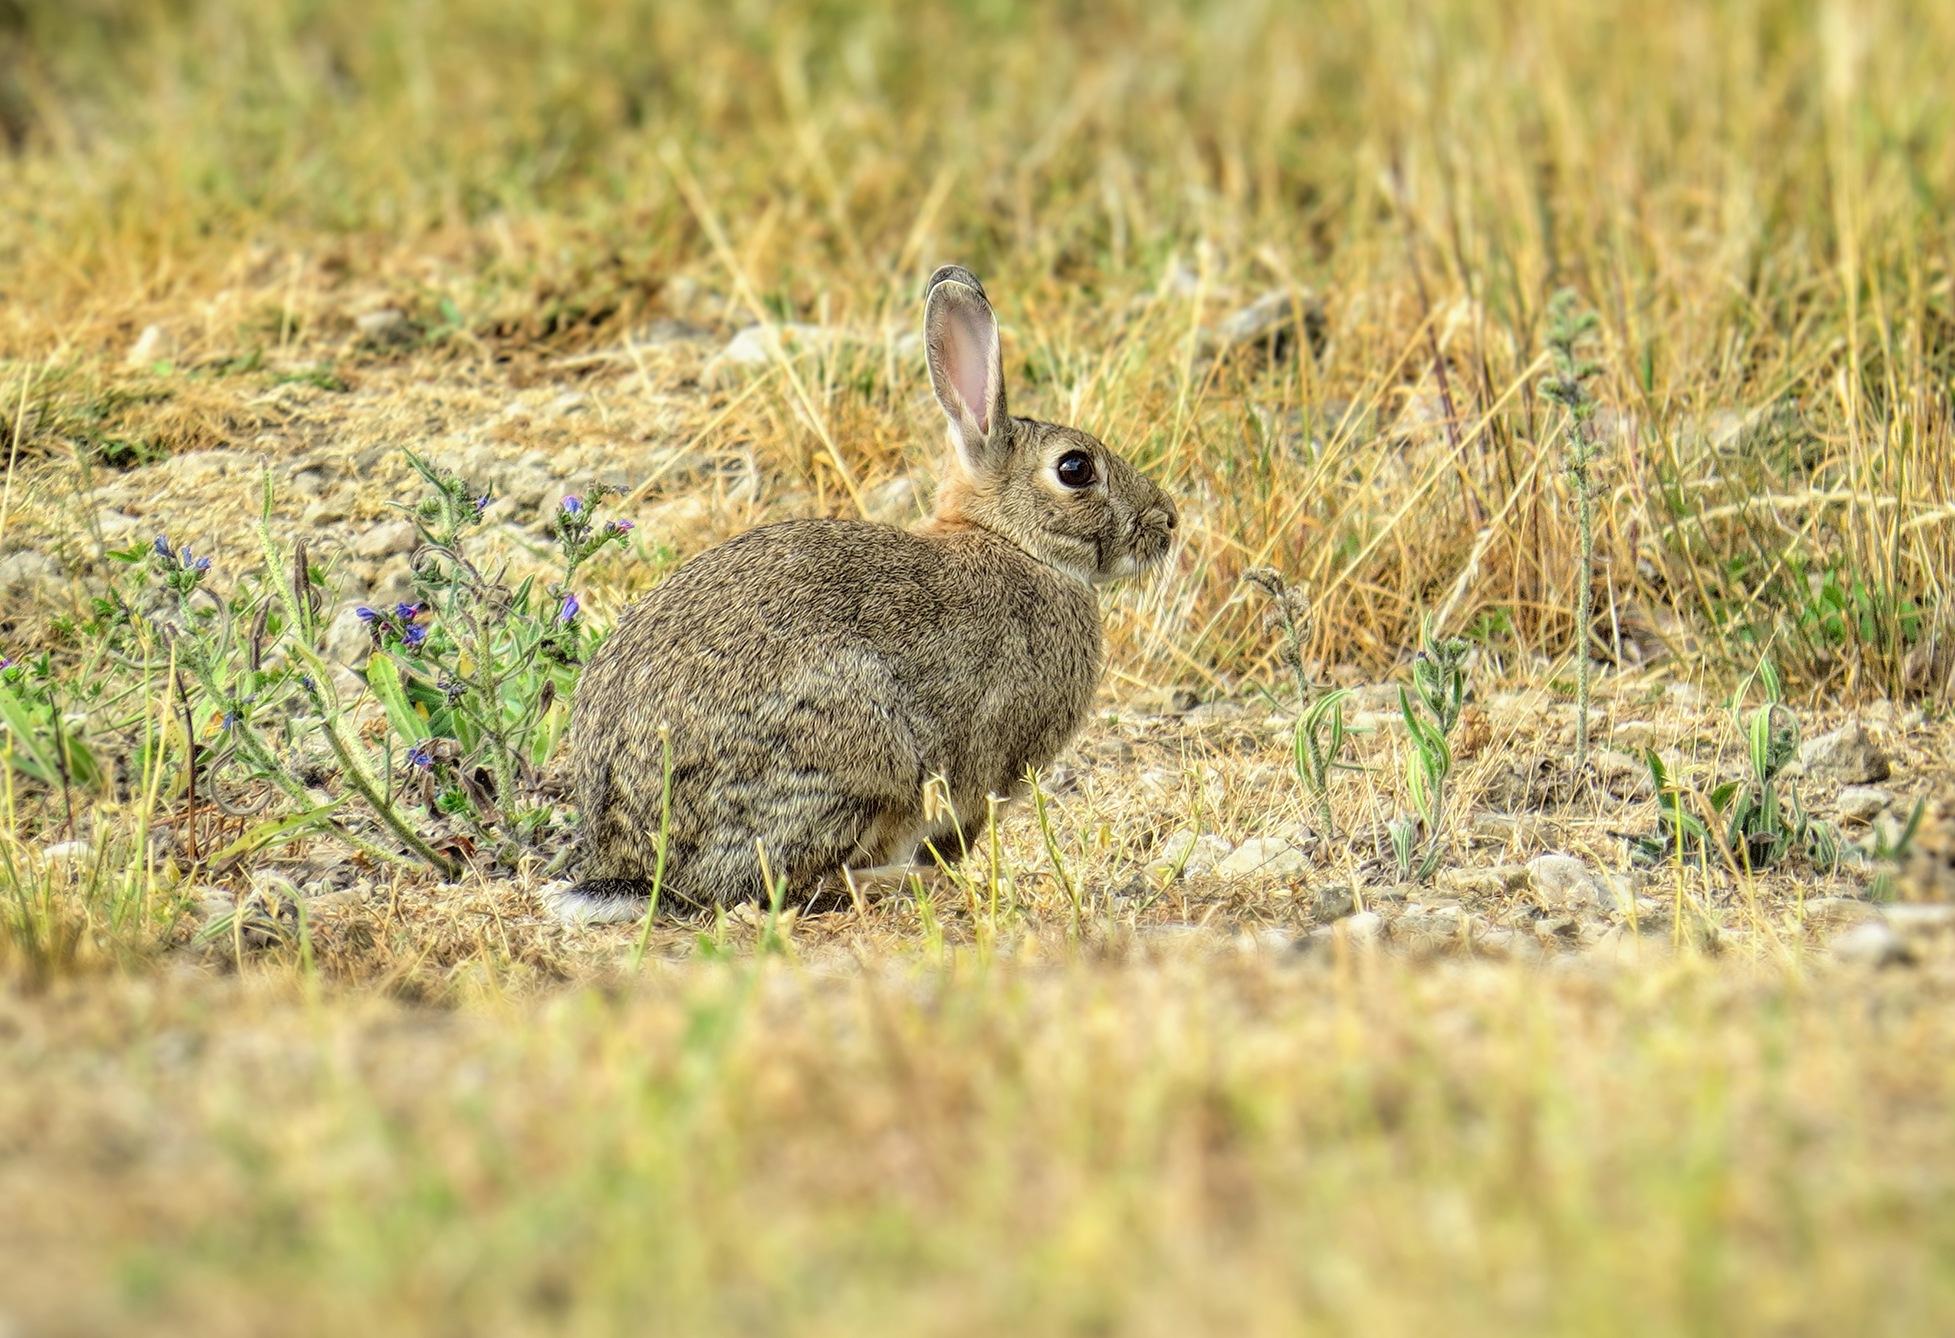 Wild rabbit by susanne.m.andersson.92